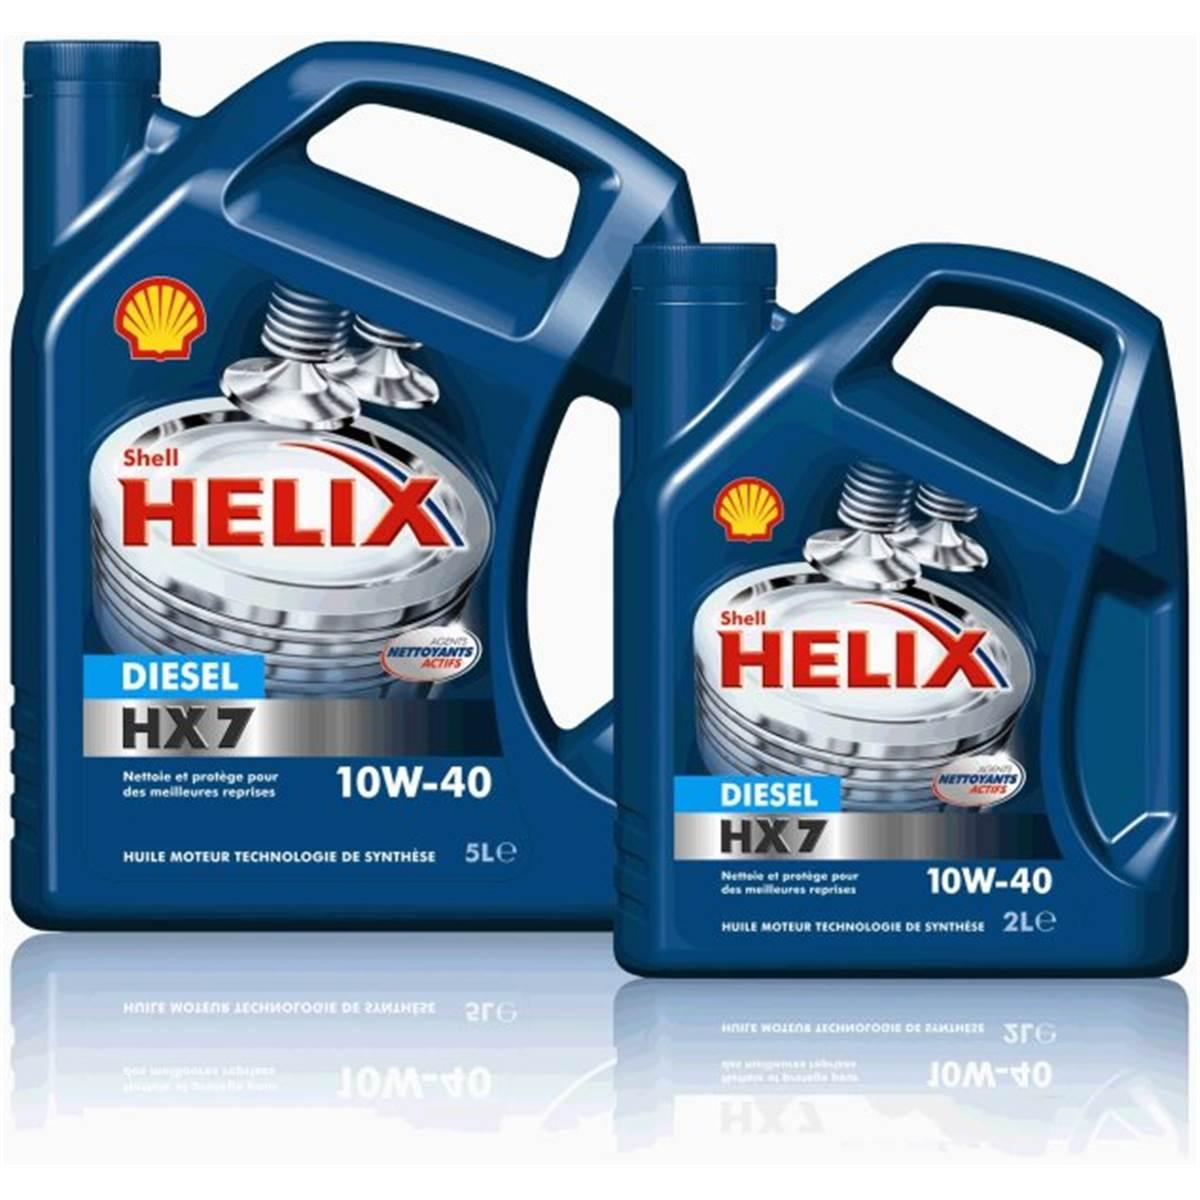 Huile SHELL HELIX7 10W40 diesel 5L+2L